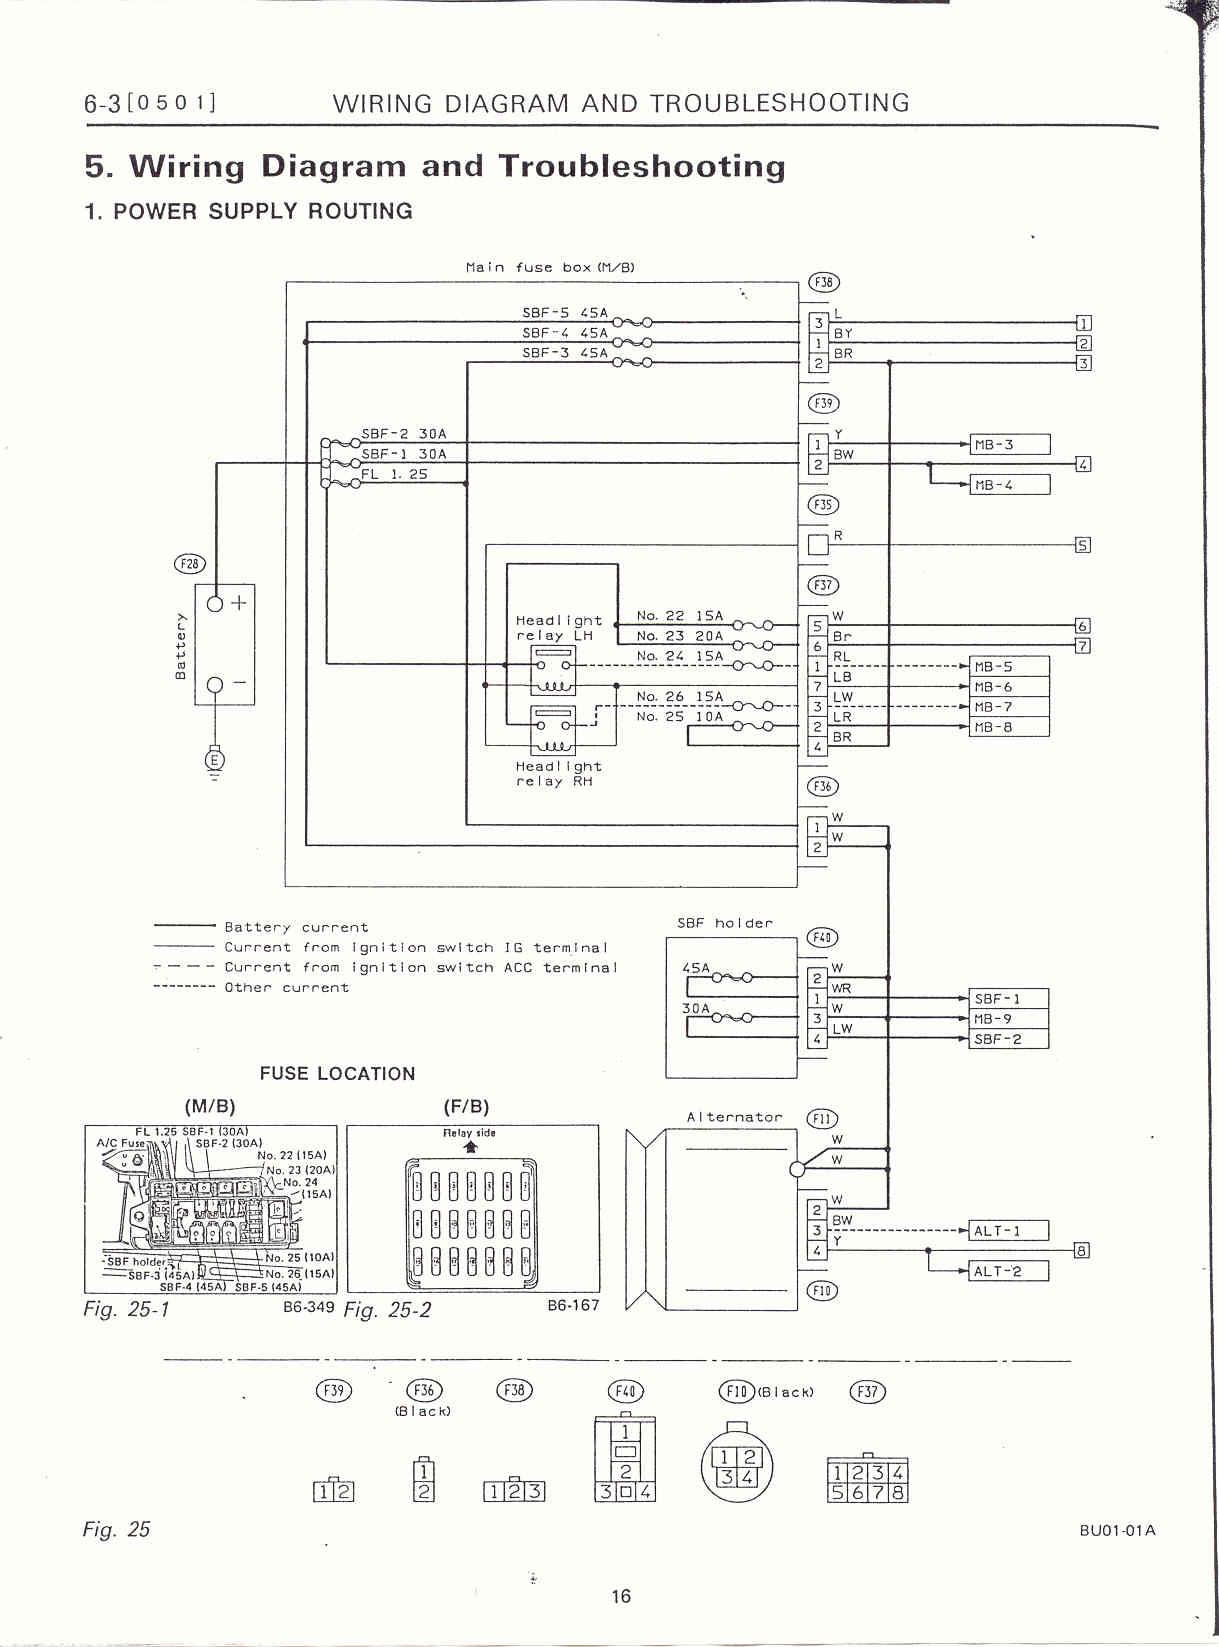 94 Impreza Wiring Diagram Sentra Civic Detailed Schematics On